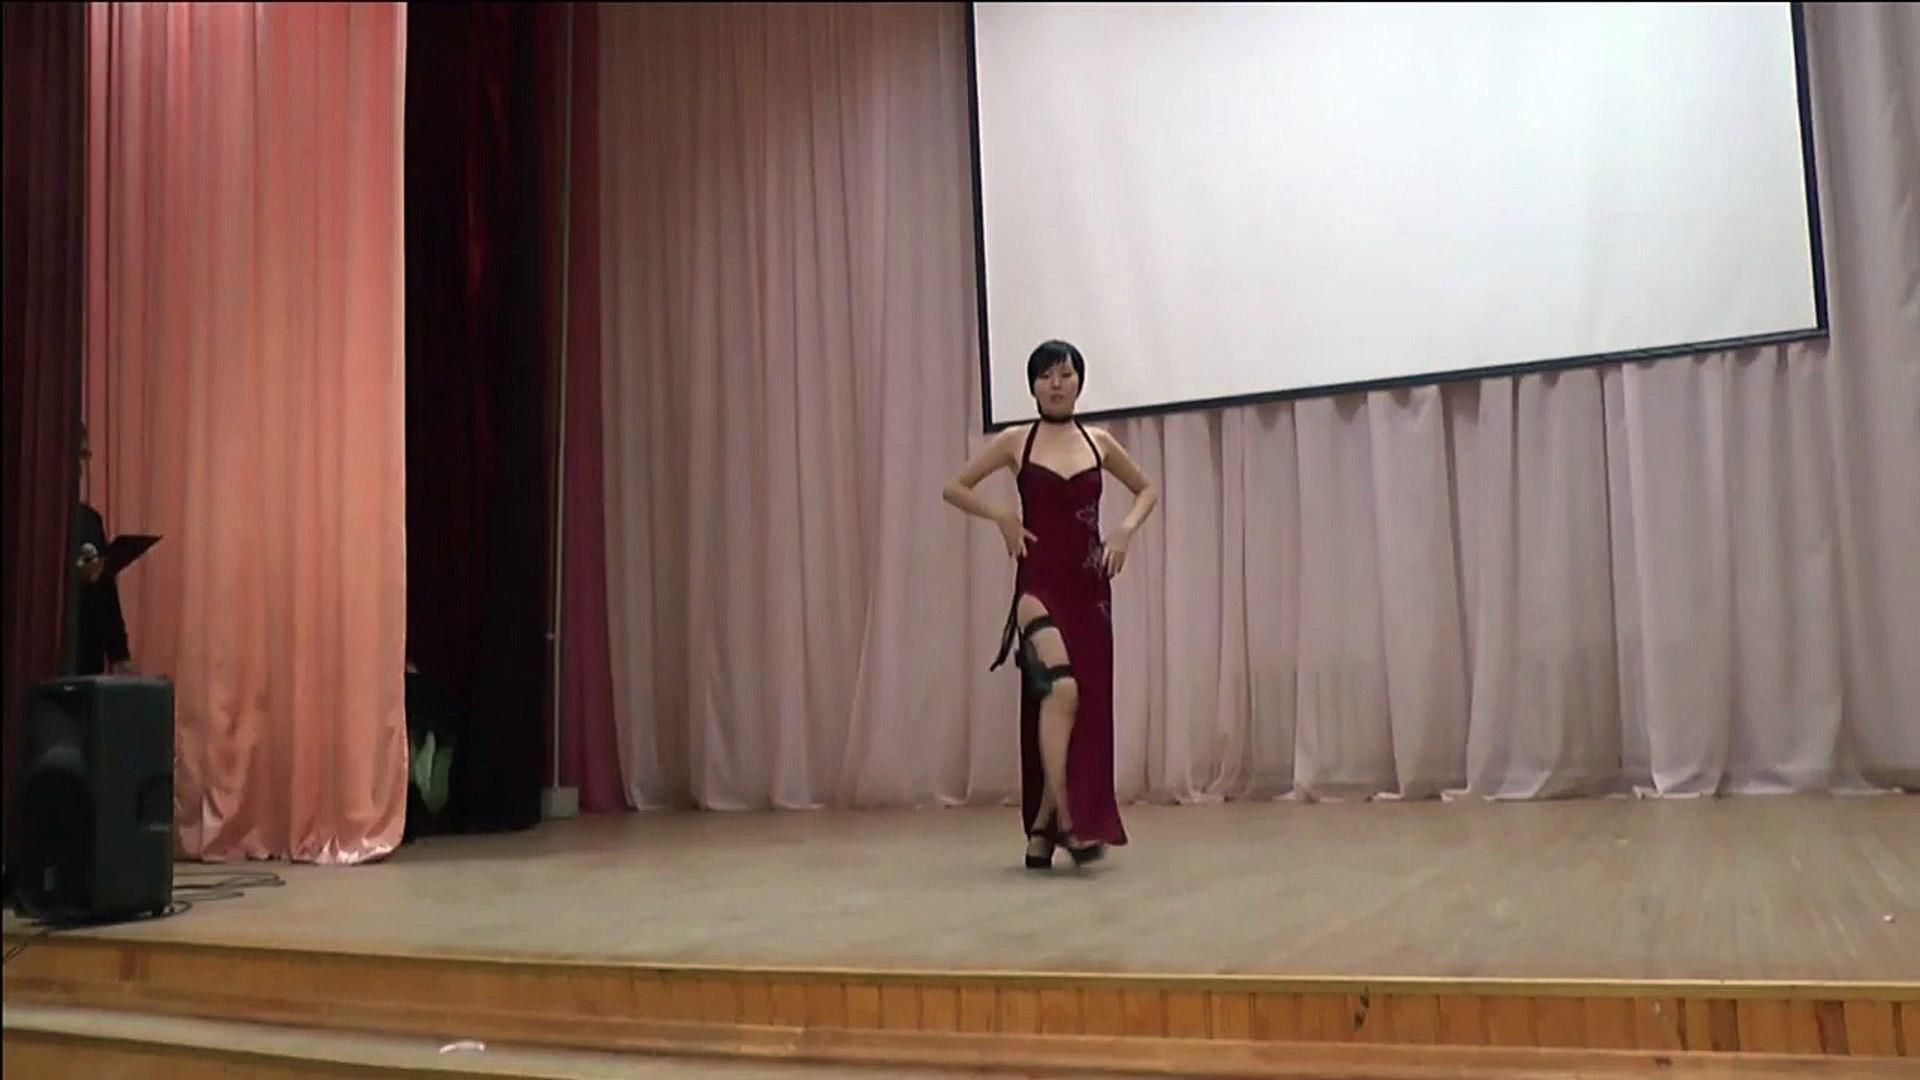 Аниме 38 (2013) 2-19  Татарова Екатерина - Ада Вонг (Обитель зла)